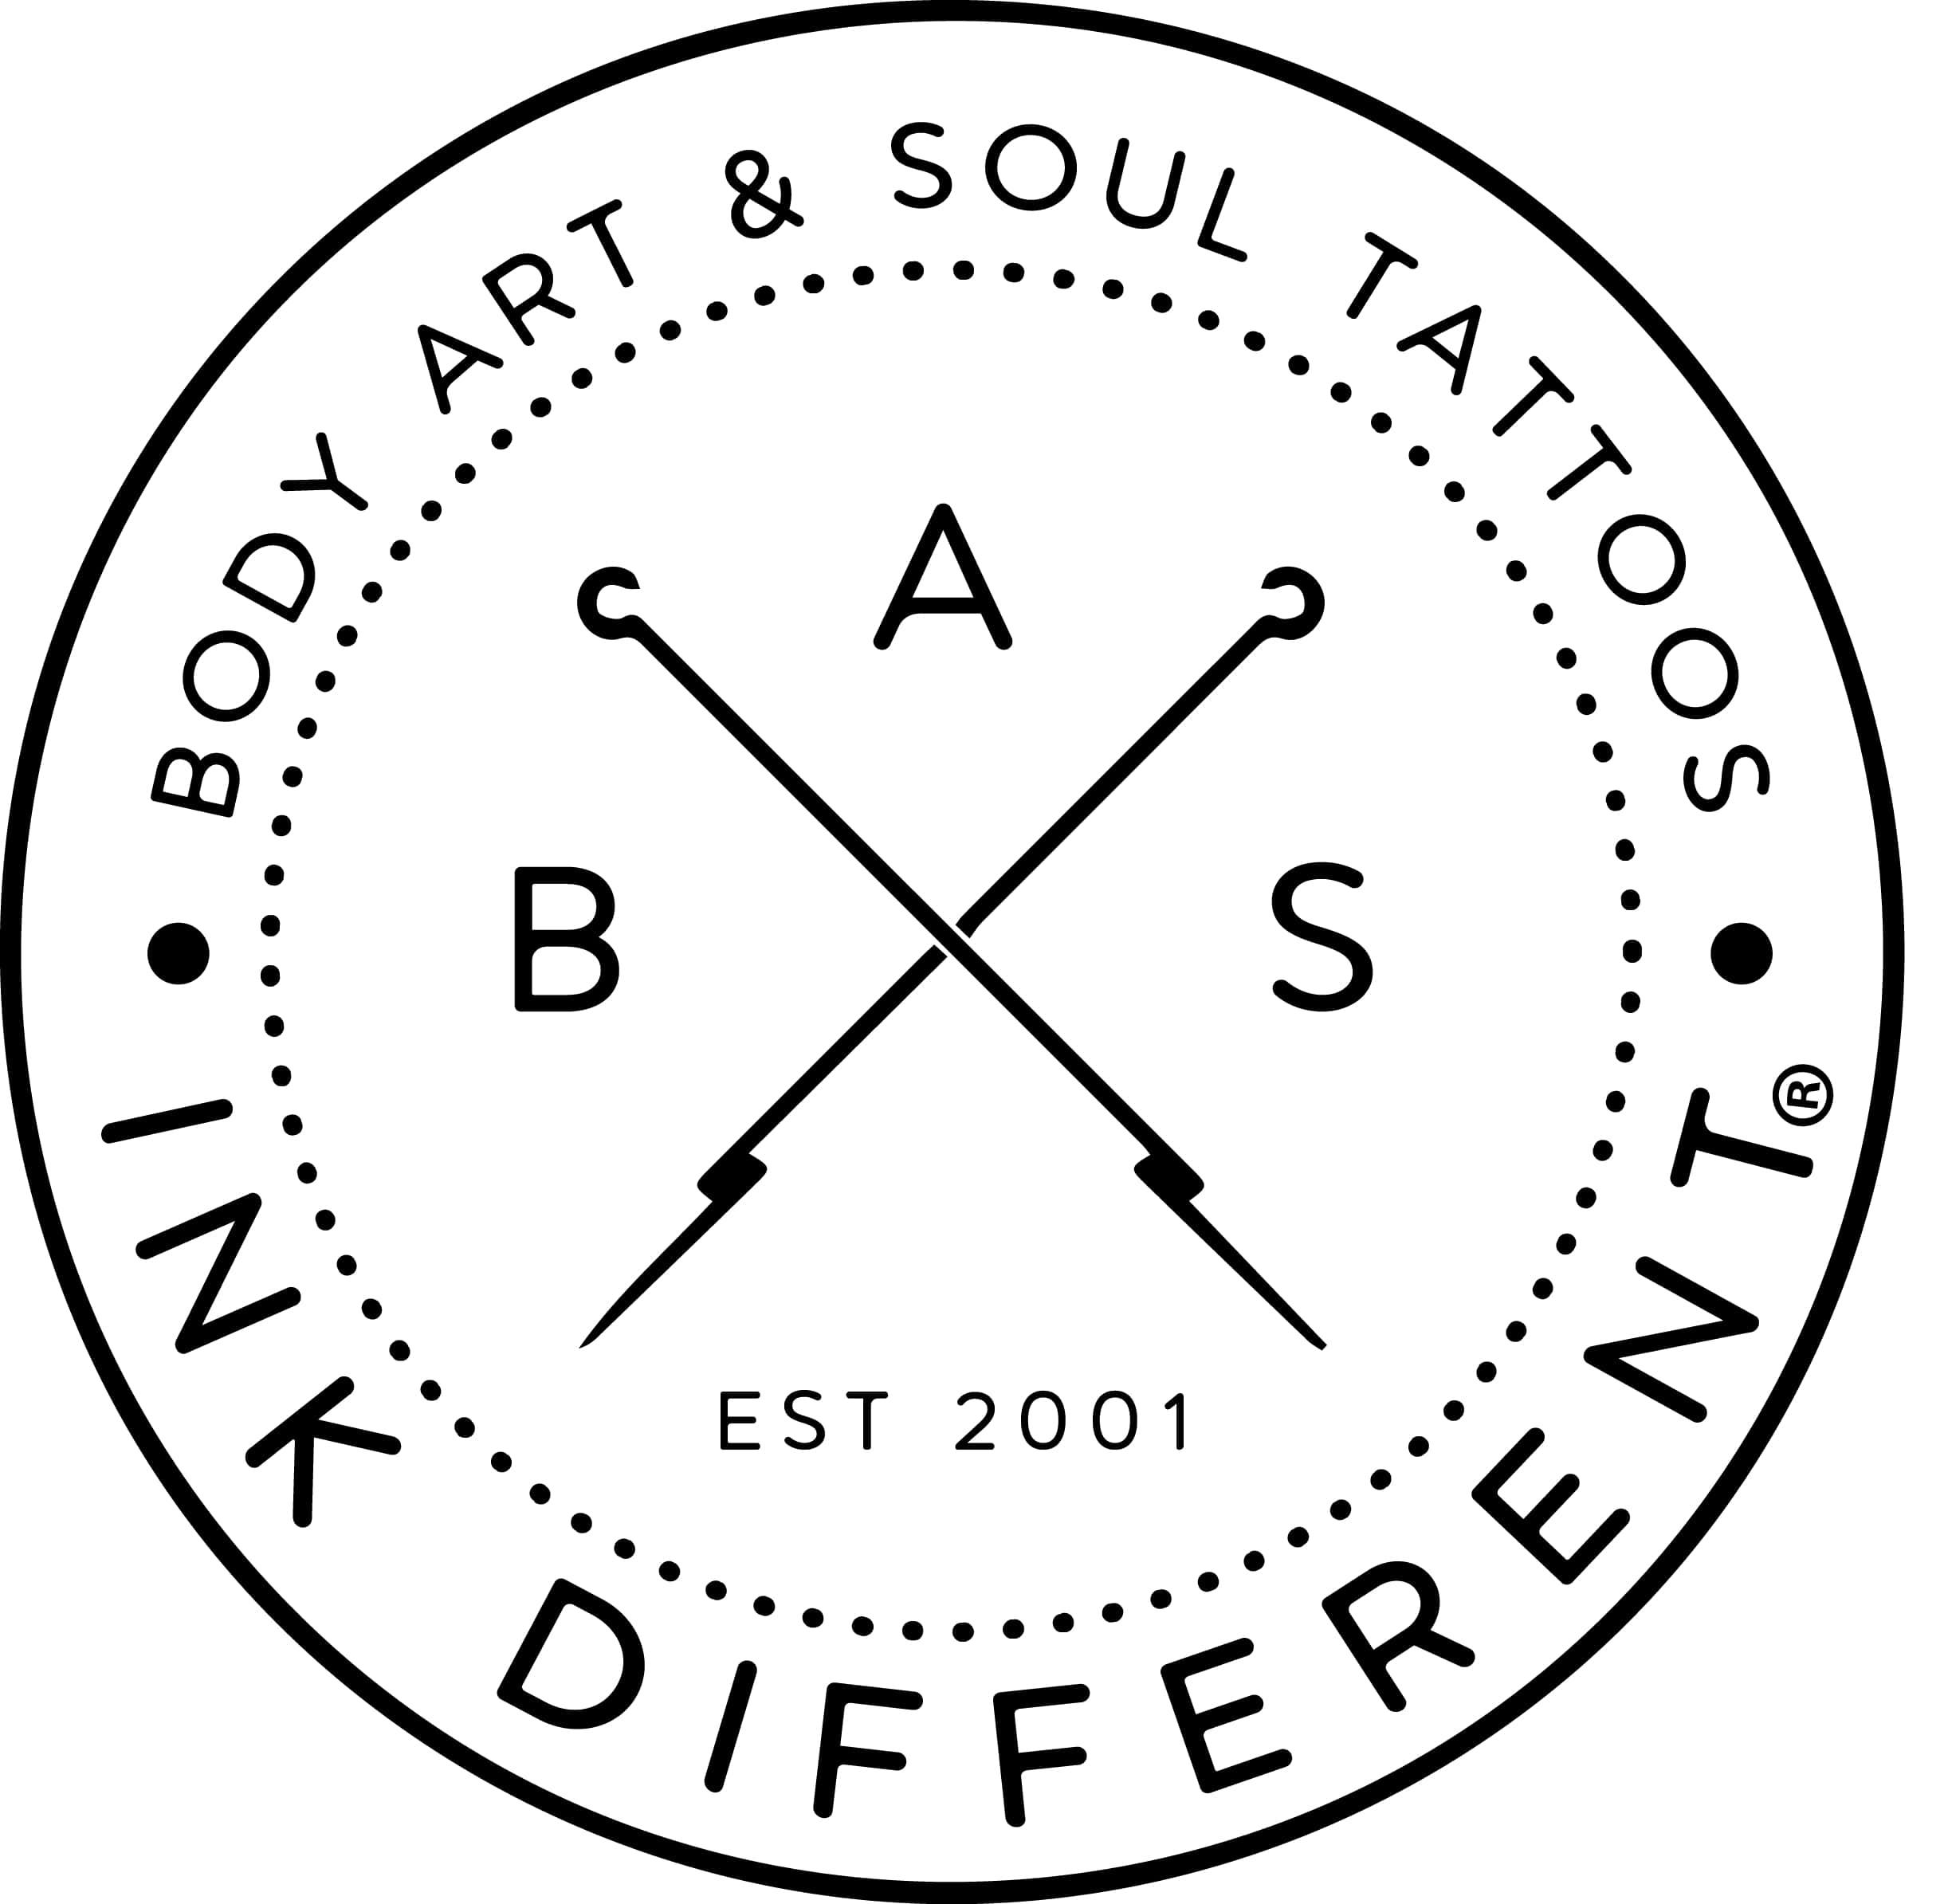 Tattoo School Tattoo Apprenticeships Body Art Soul Tattoos